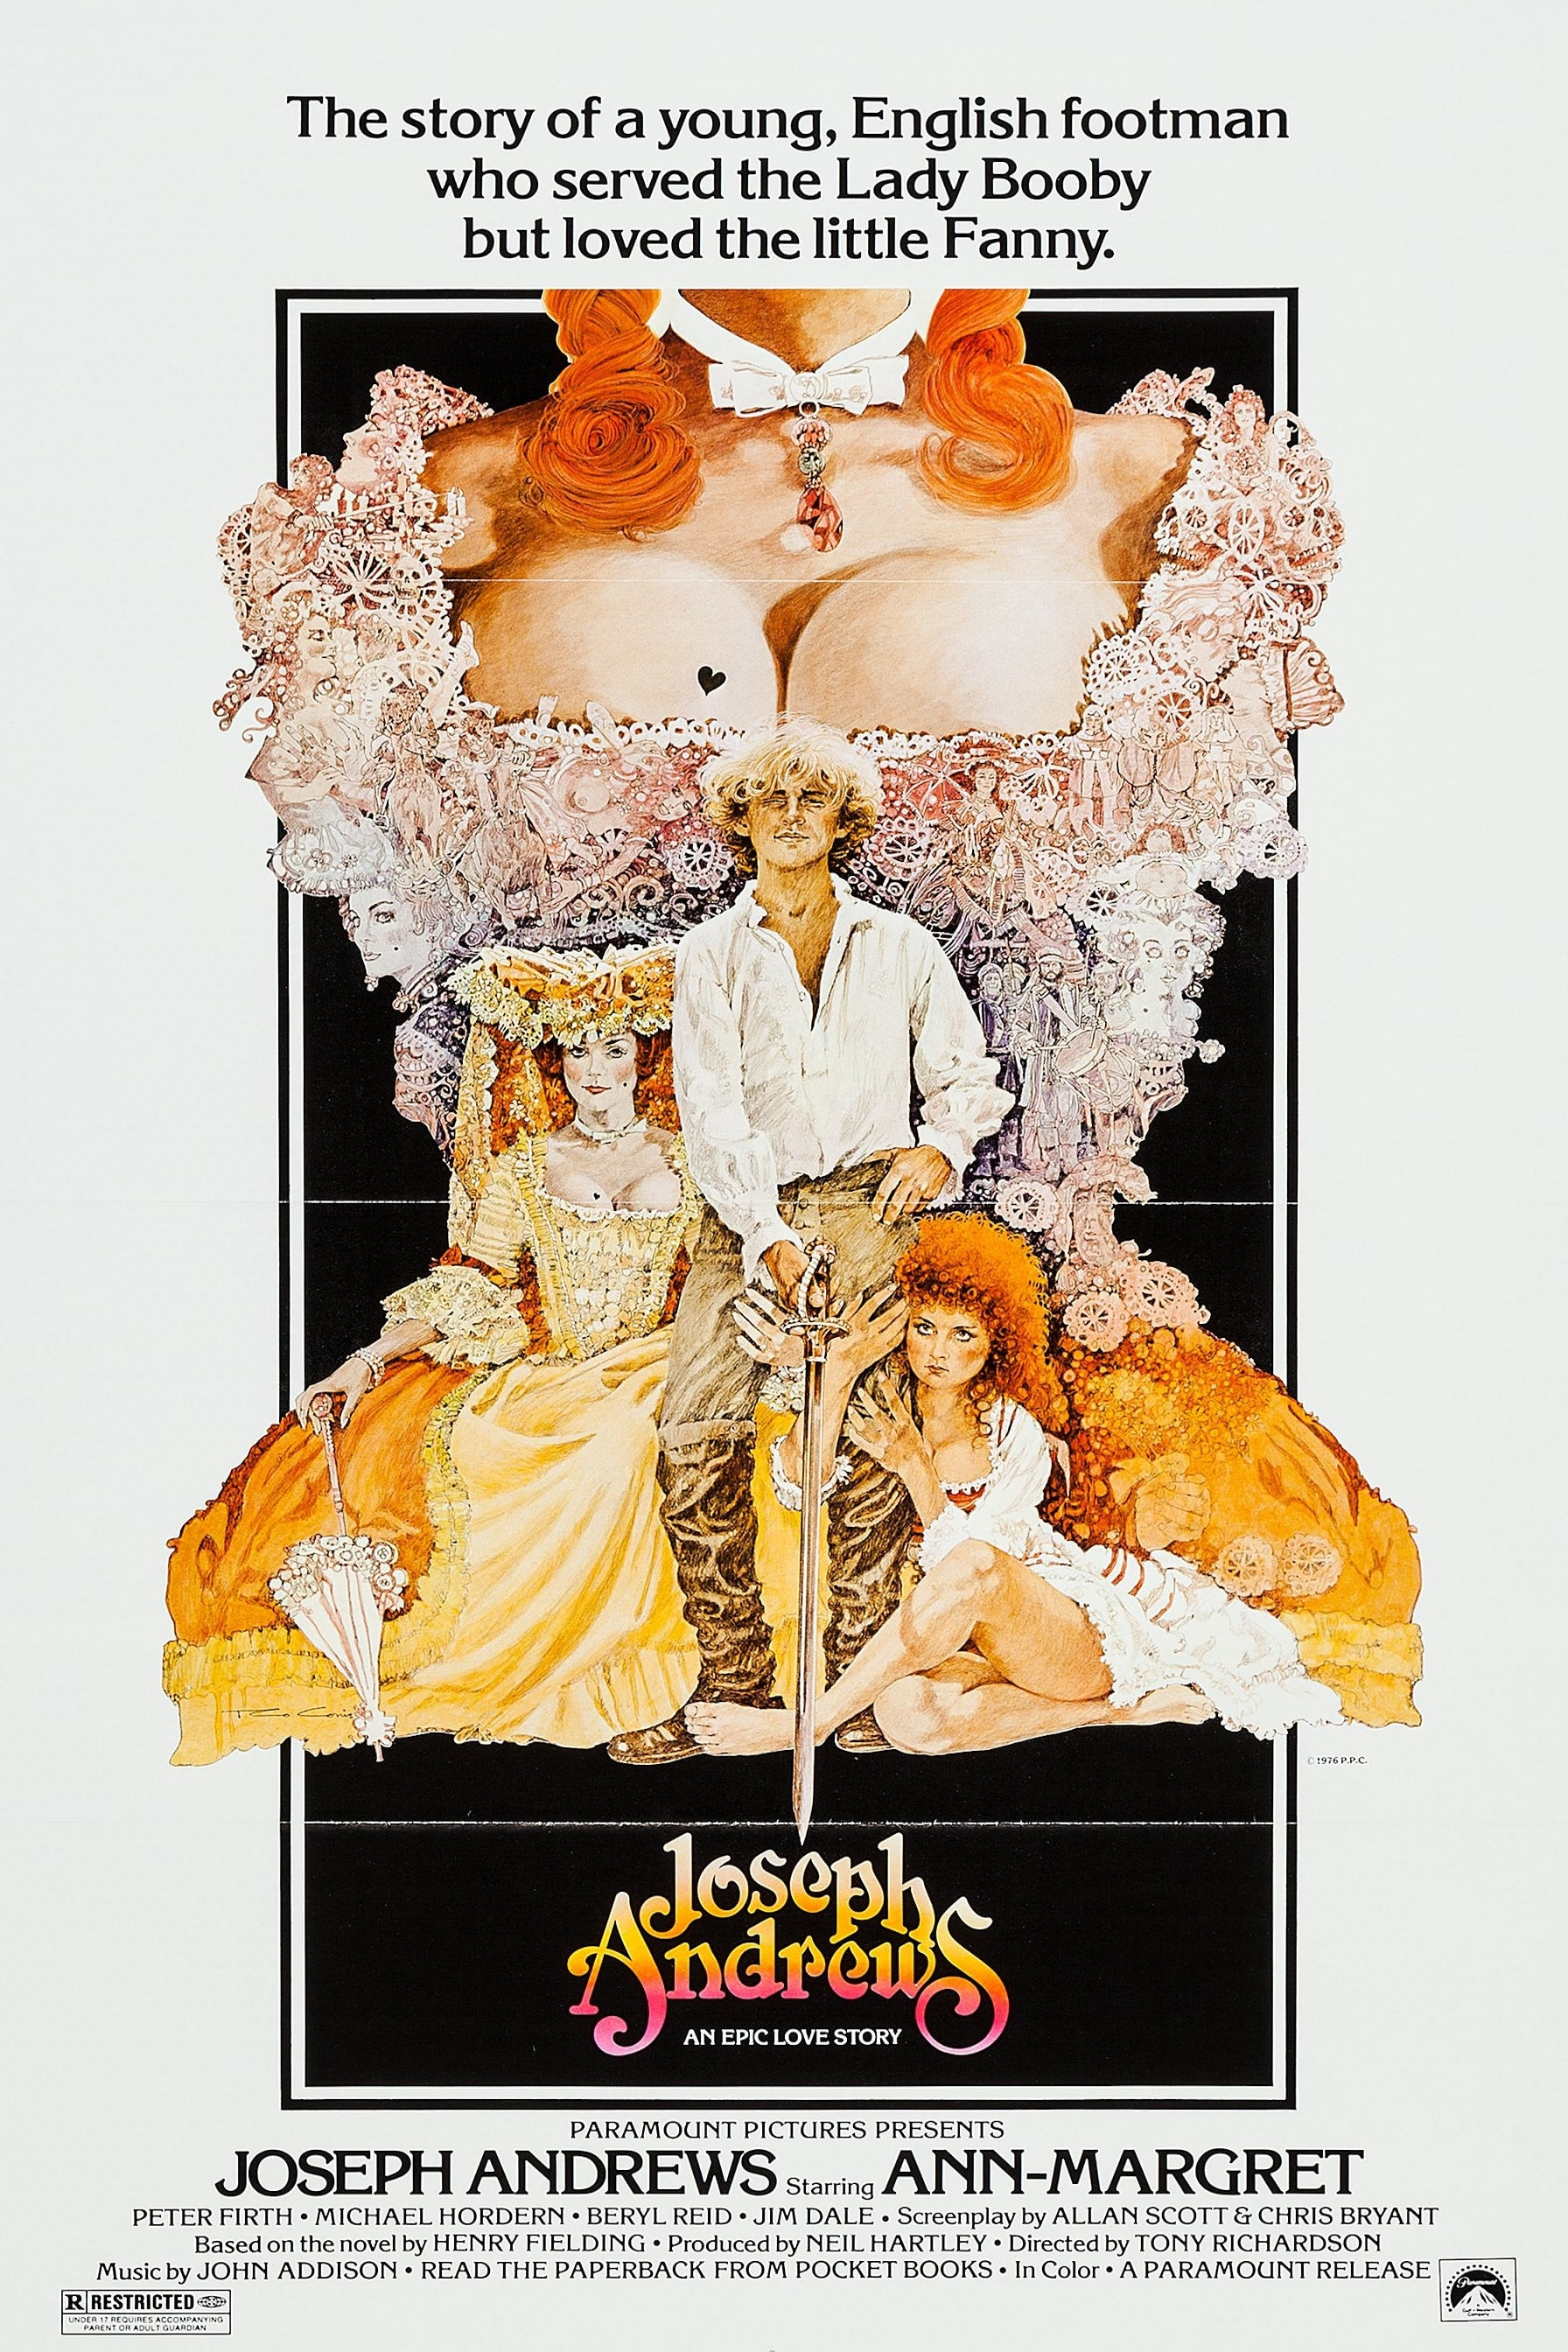 Joseph Andrews (1977)